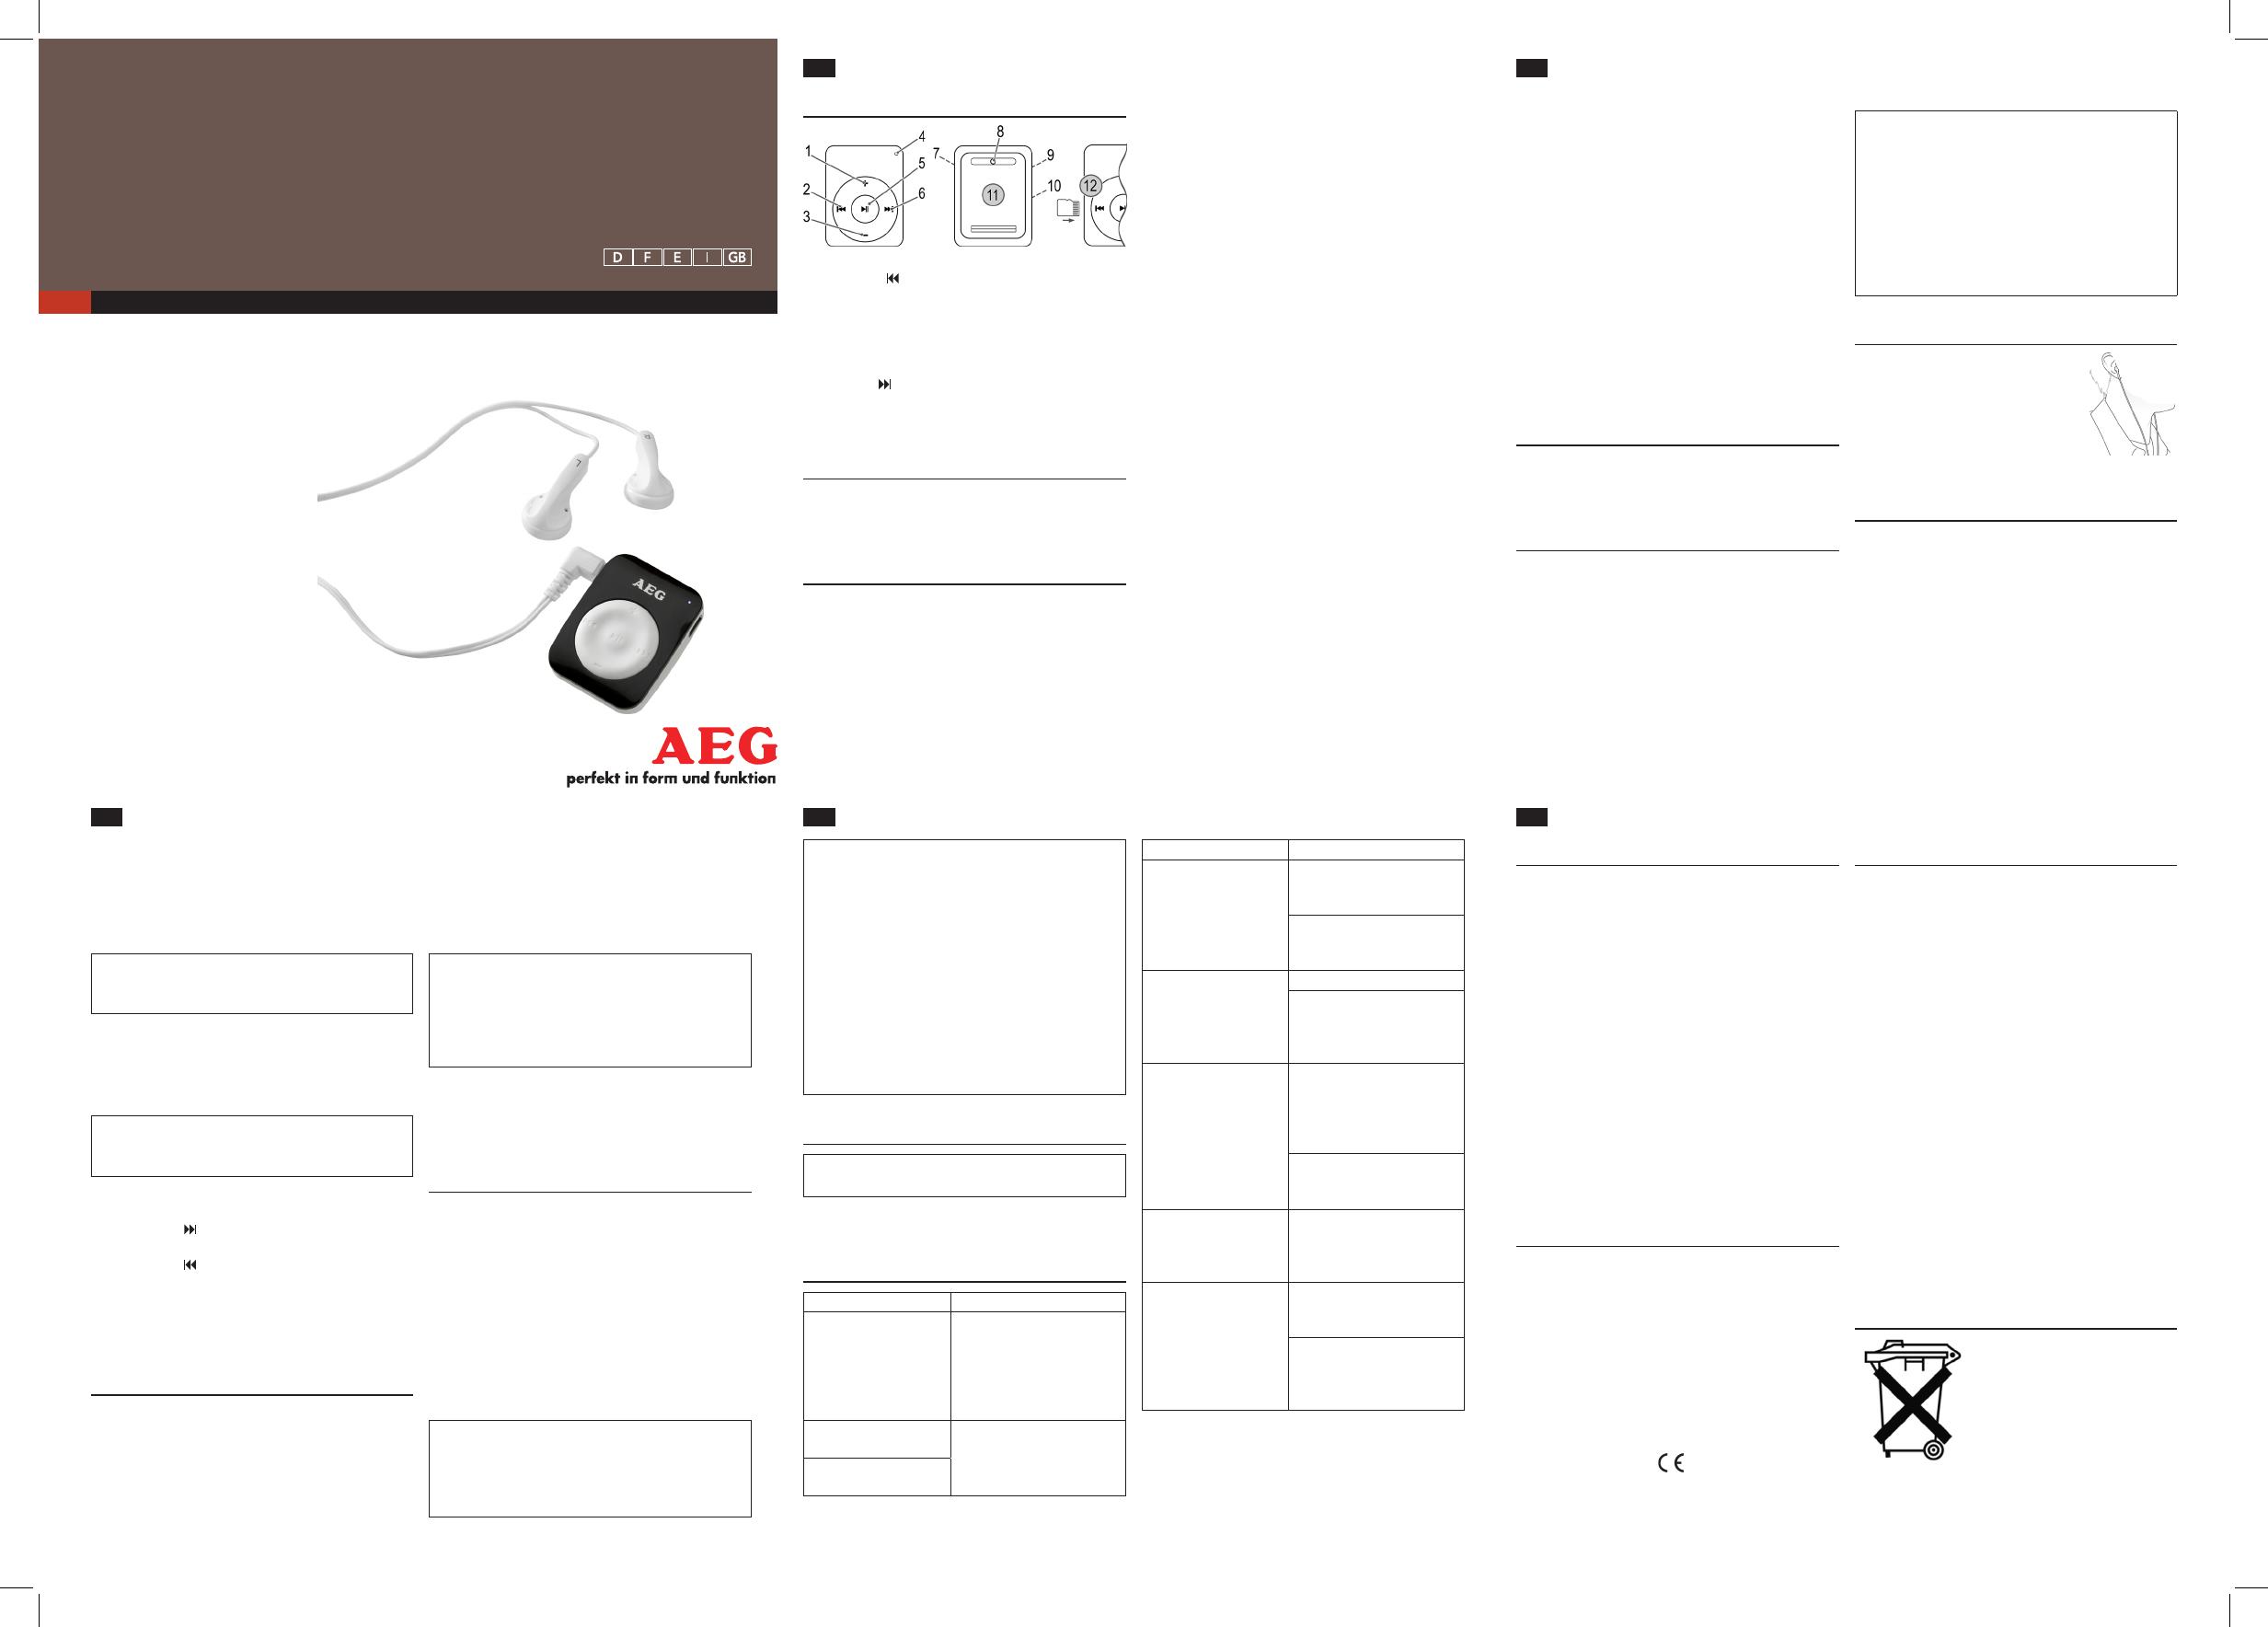 aeg mms 5572 manual